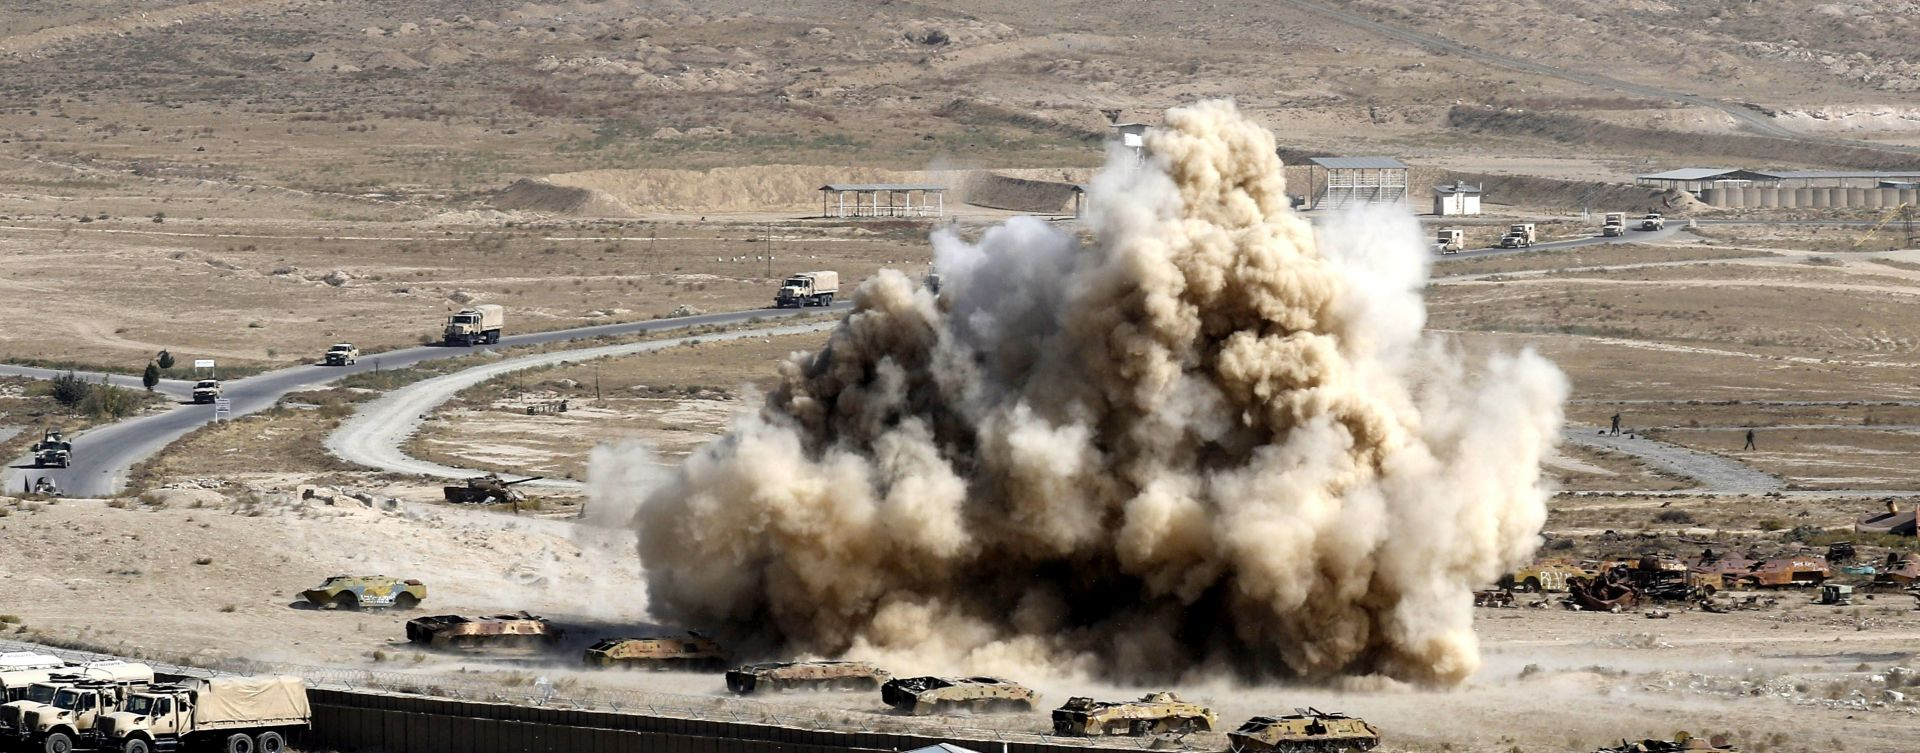 Eksplozija bombe na sprovodu u Afganistanu, 17 mtvih